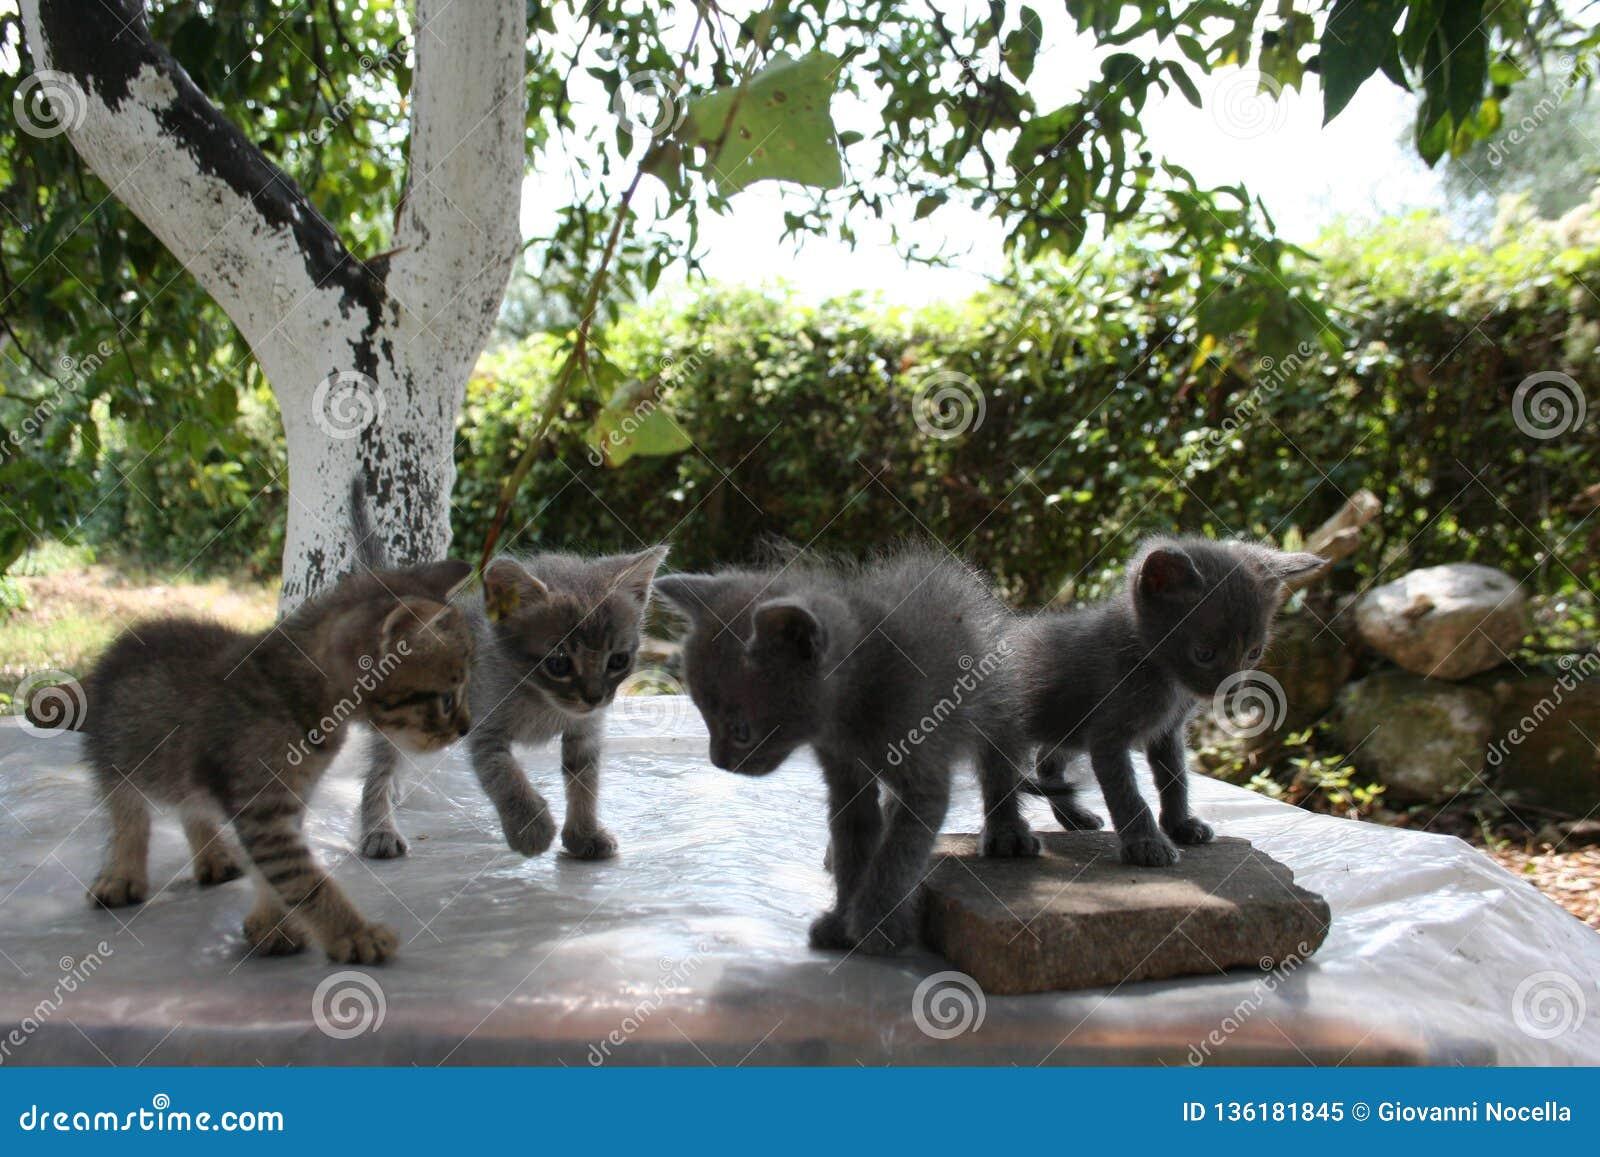 Un groupe de quatre petits chatons explorent soigneusement le monde autour de eux avec leurs yeux